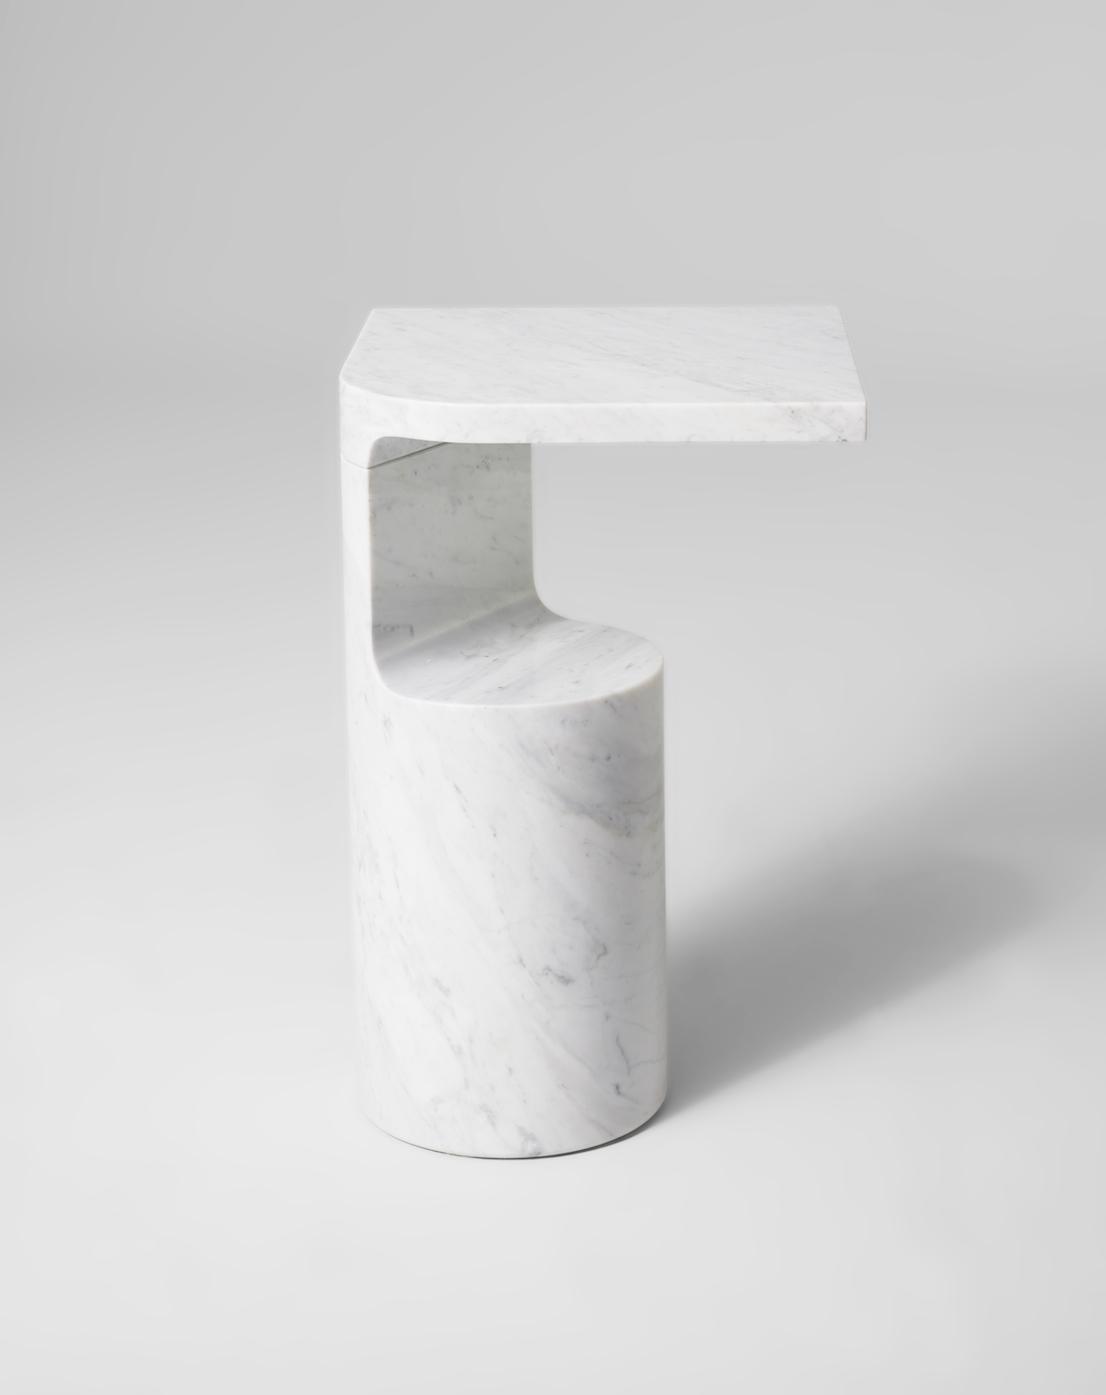 Galata, design di Konstantin Grcic per Marsotto edizioni.